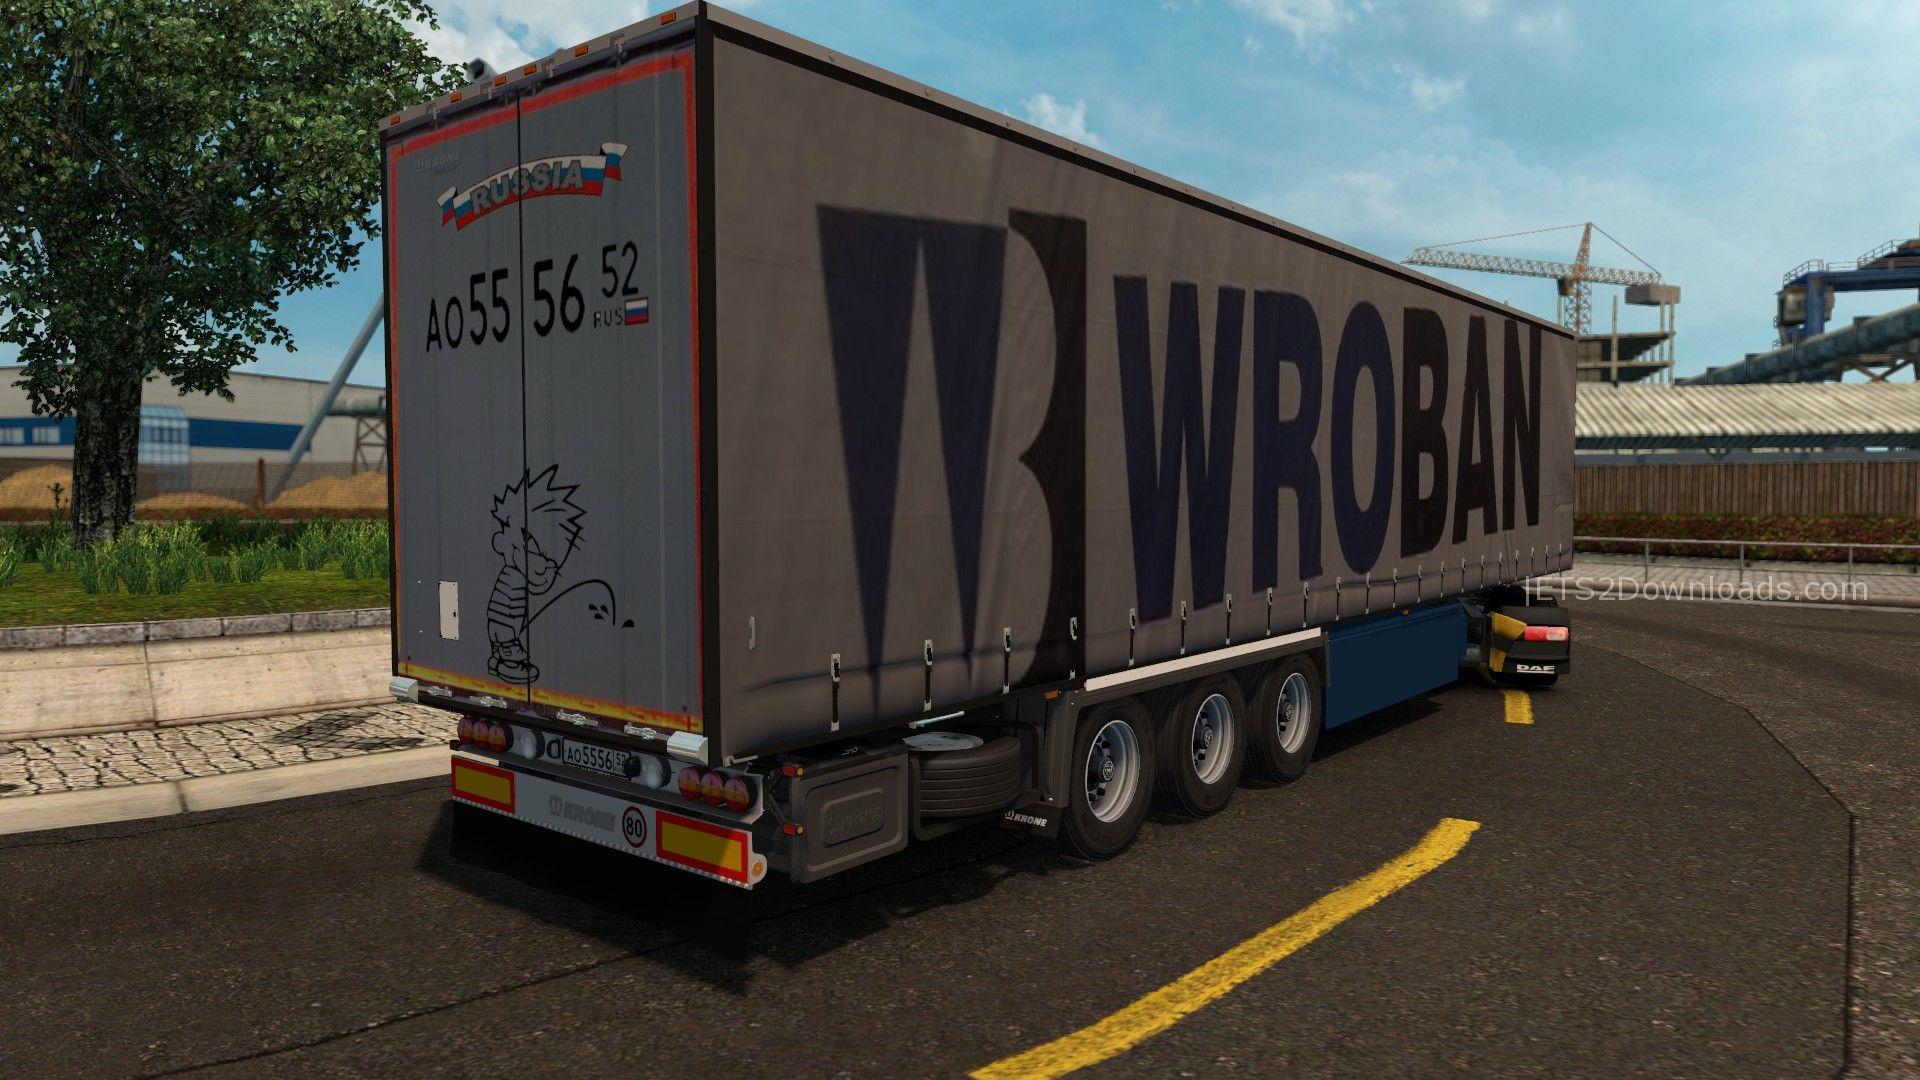 wroban-trailer